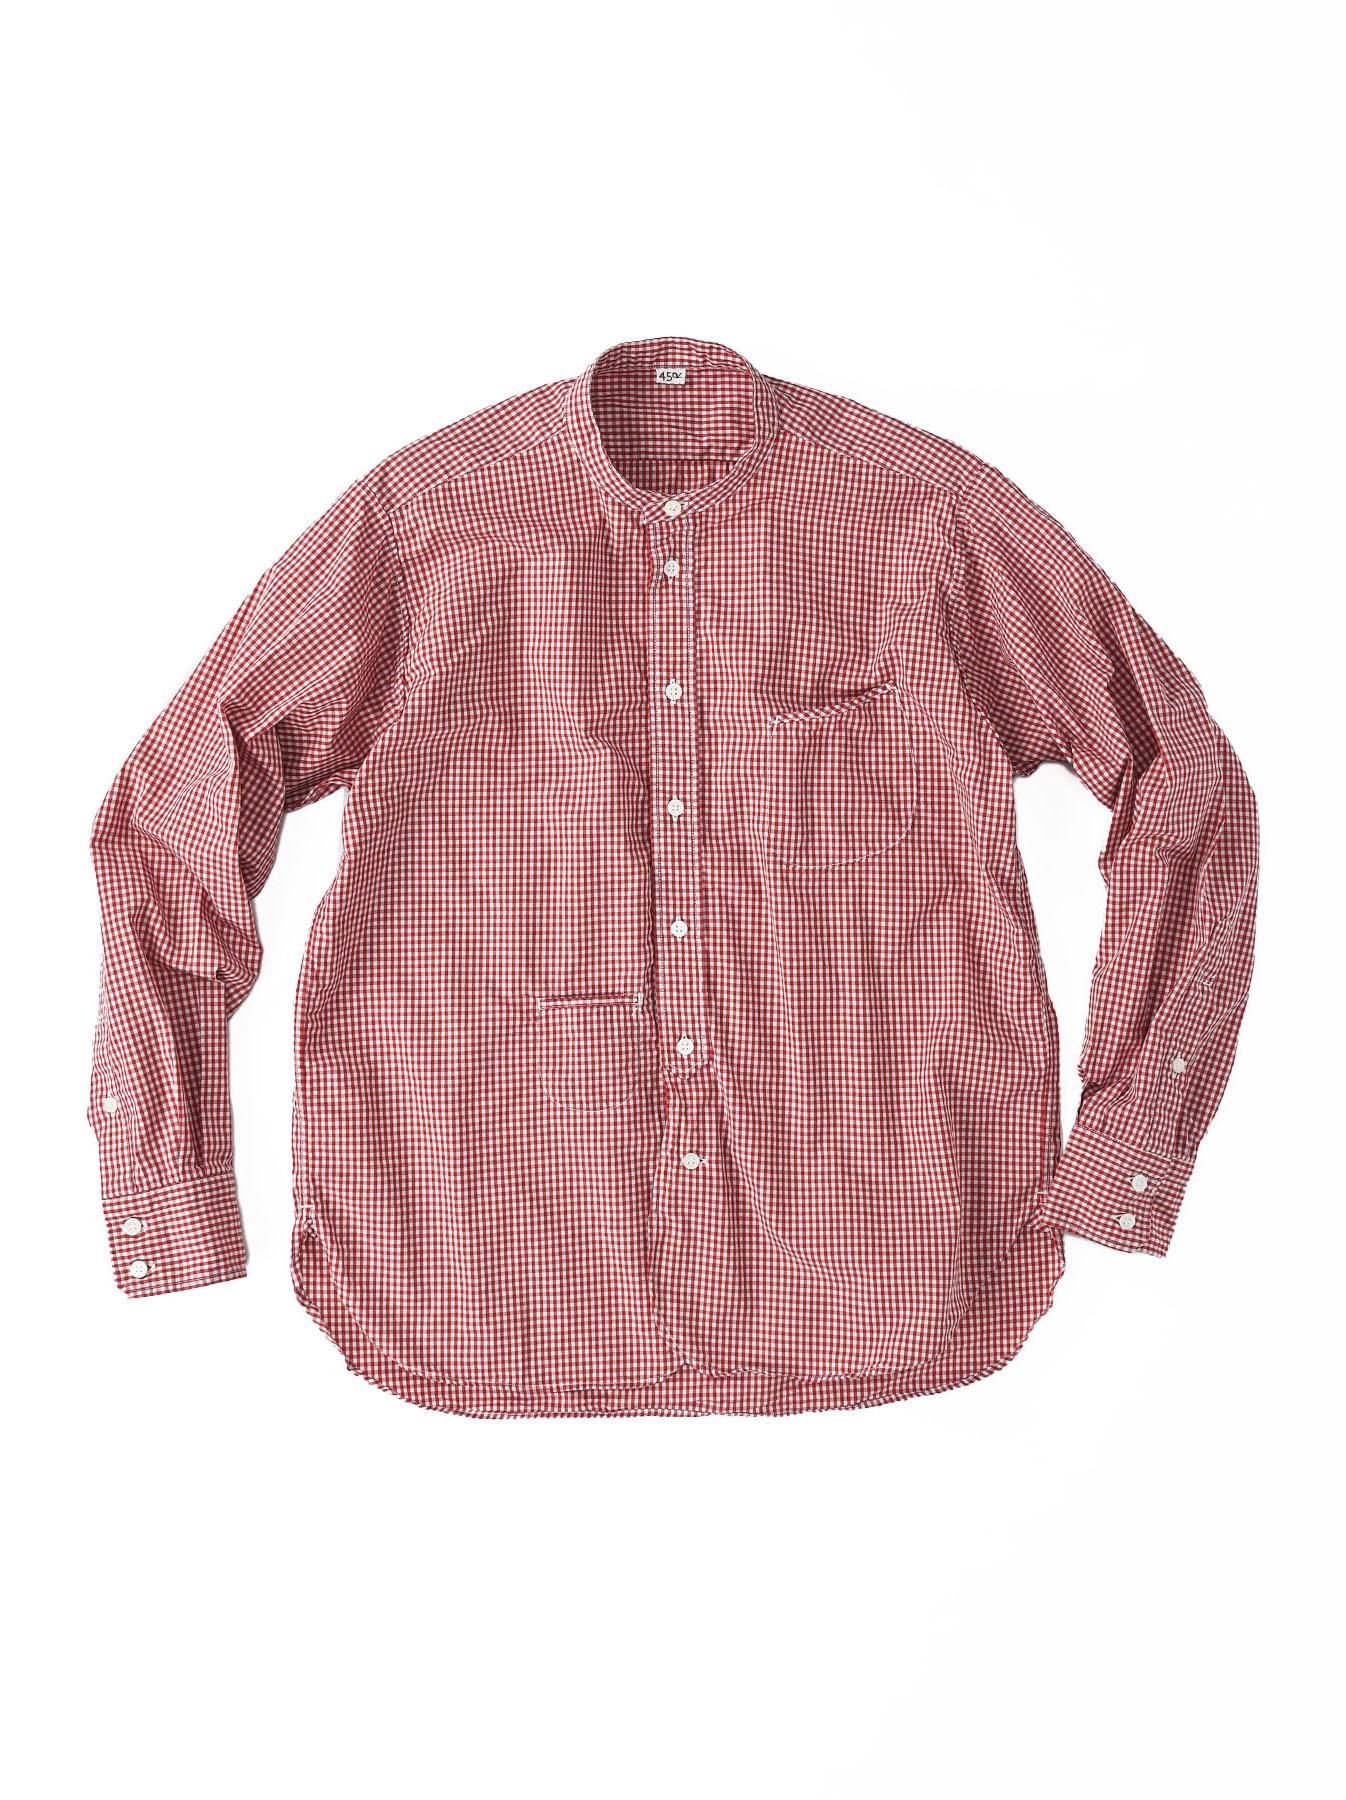 Damp 908 Stand Ocean Shirt(0721)-9